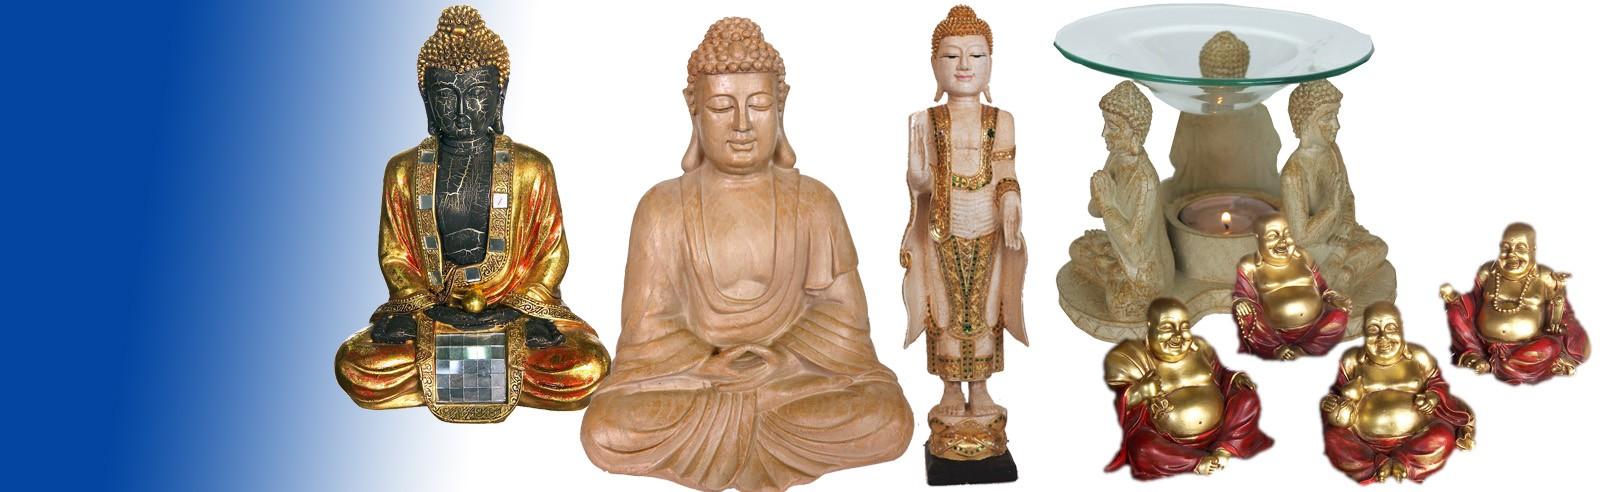 Budda e Statue